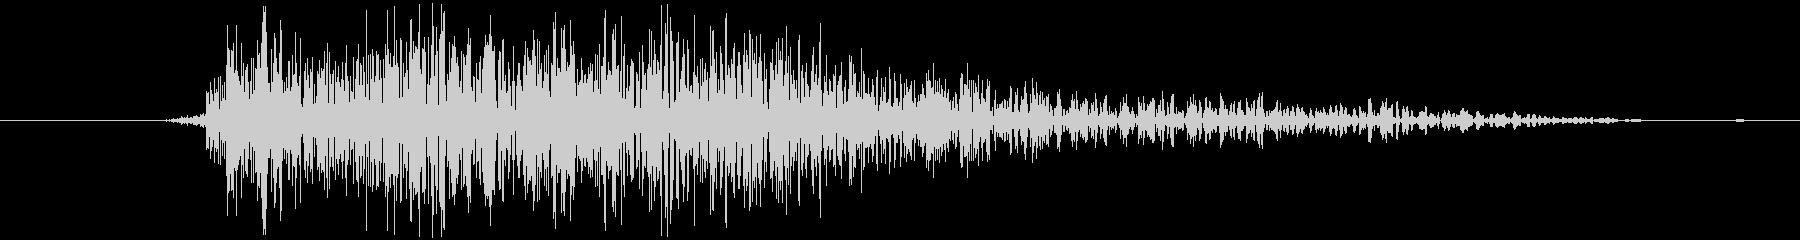 シューティングのショット音 5段階の2の未再生の波形